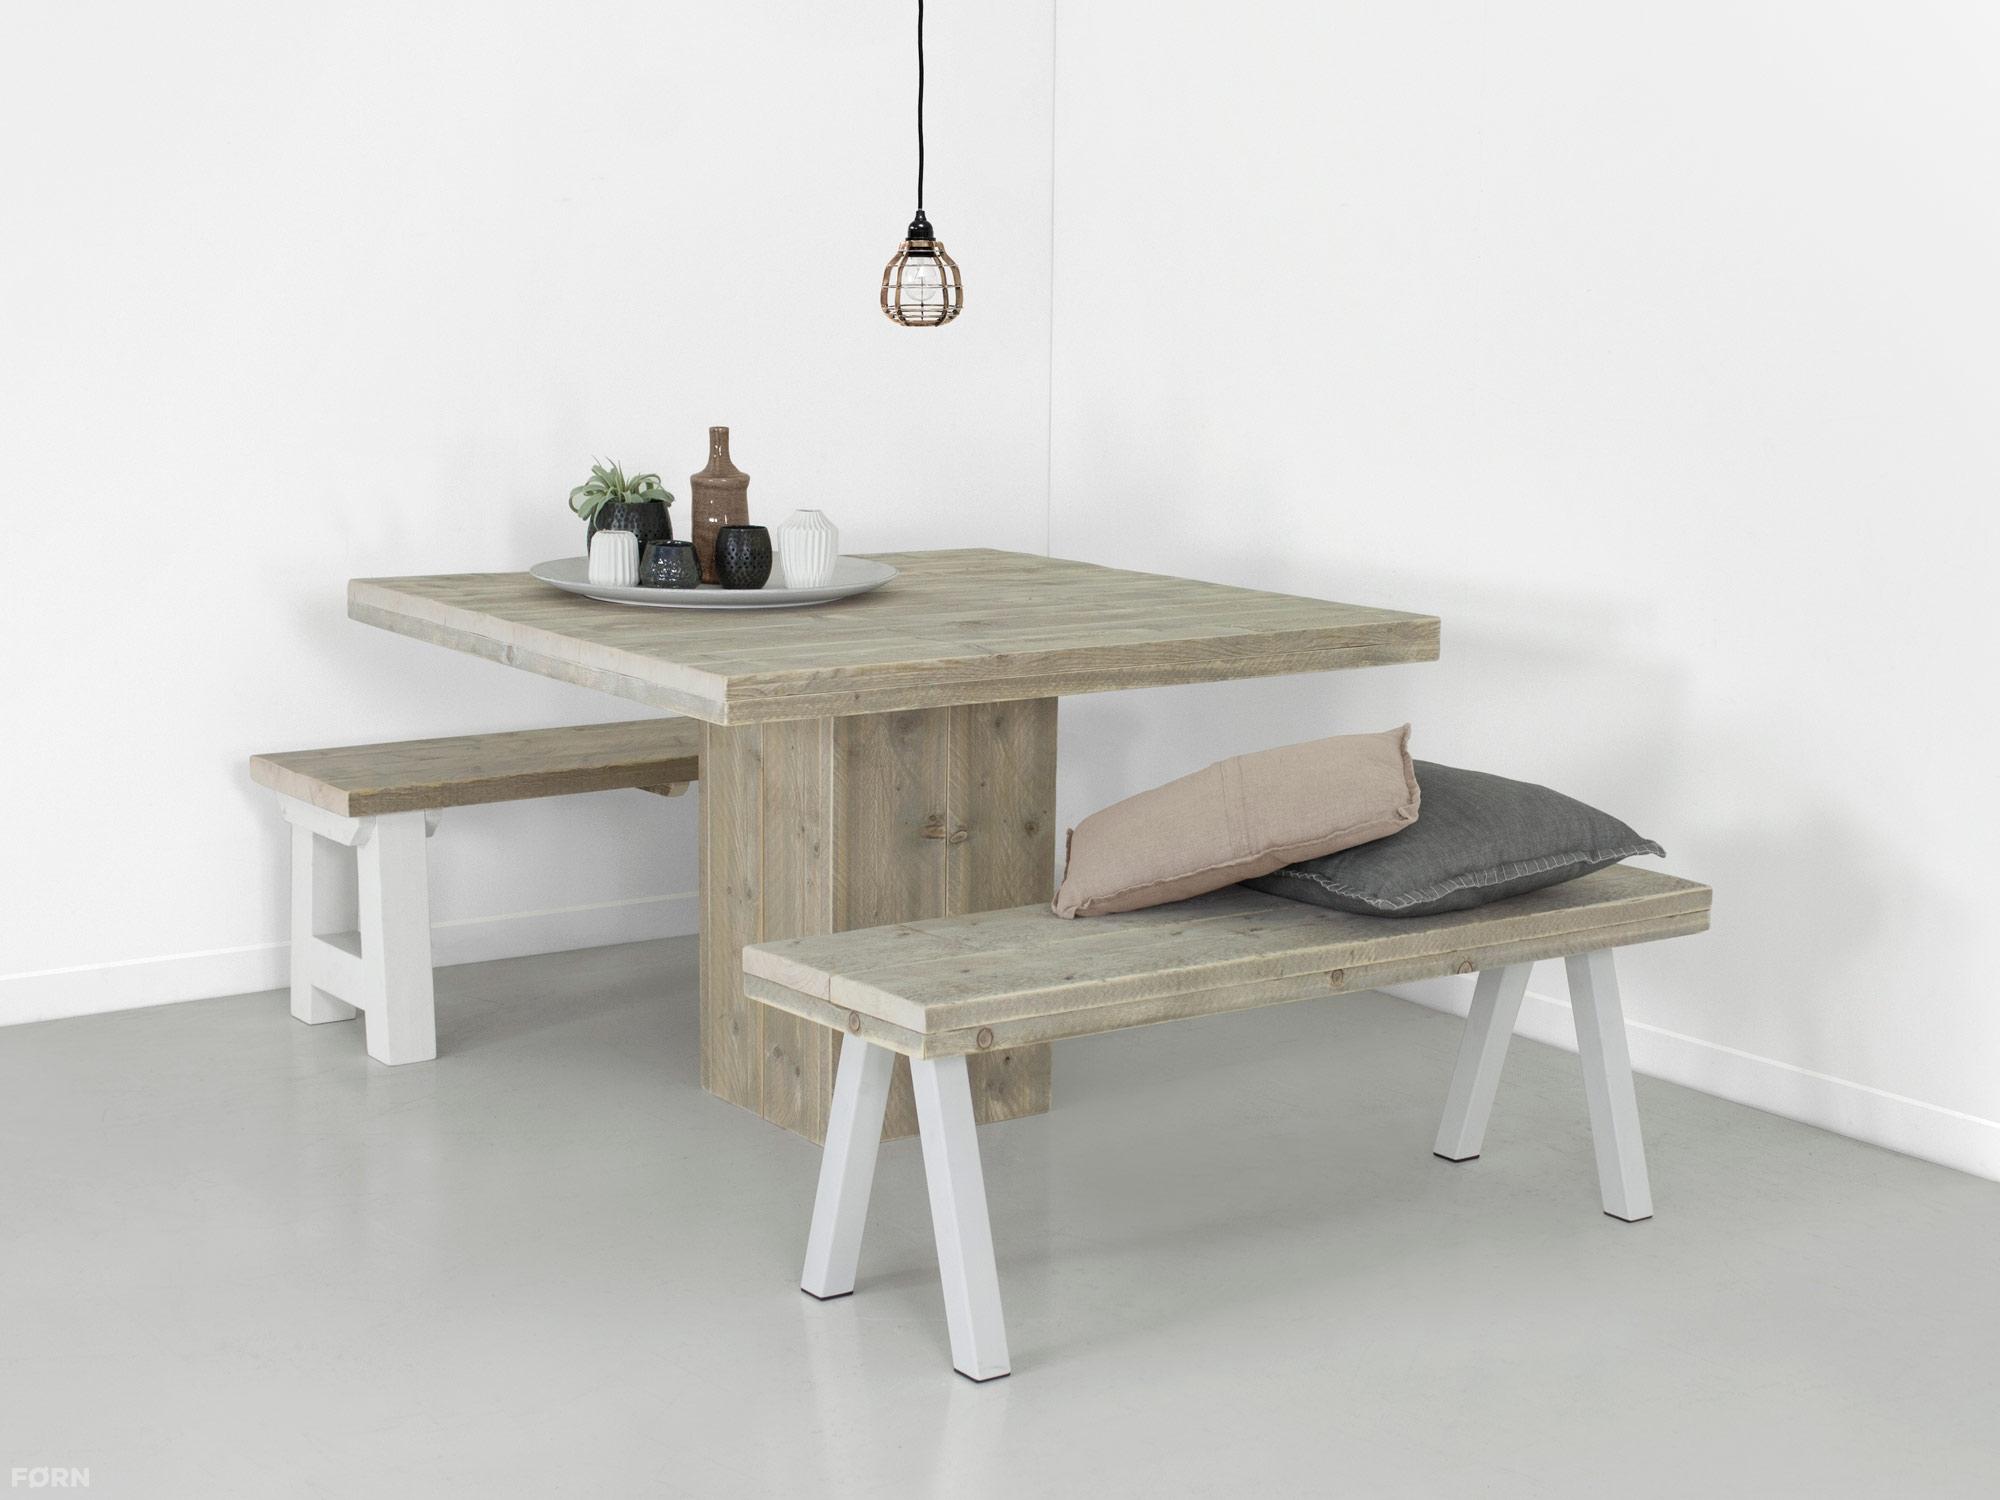 Hedendaags Steigerhouten tafel met kolompoot | ook maatwerk | FØRN NK-71